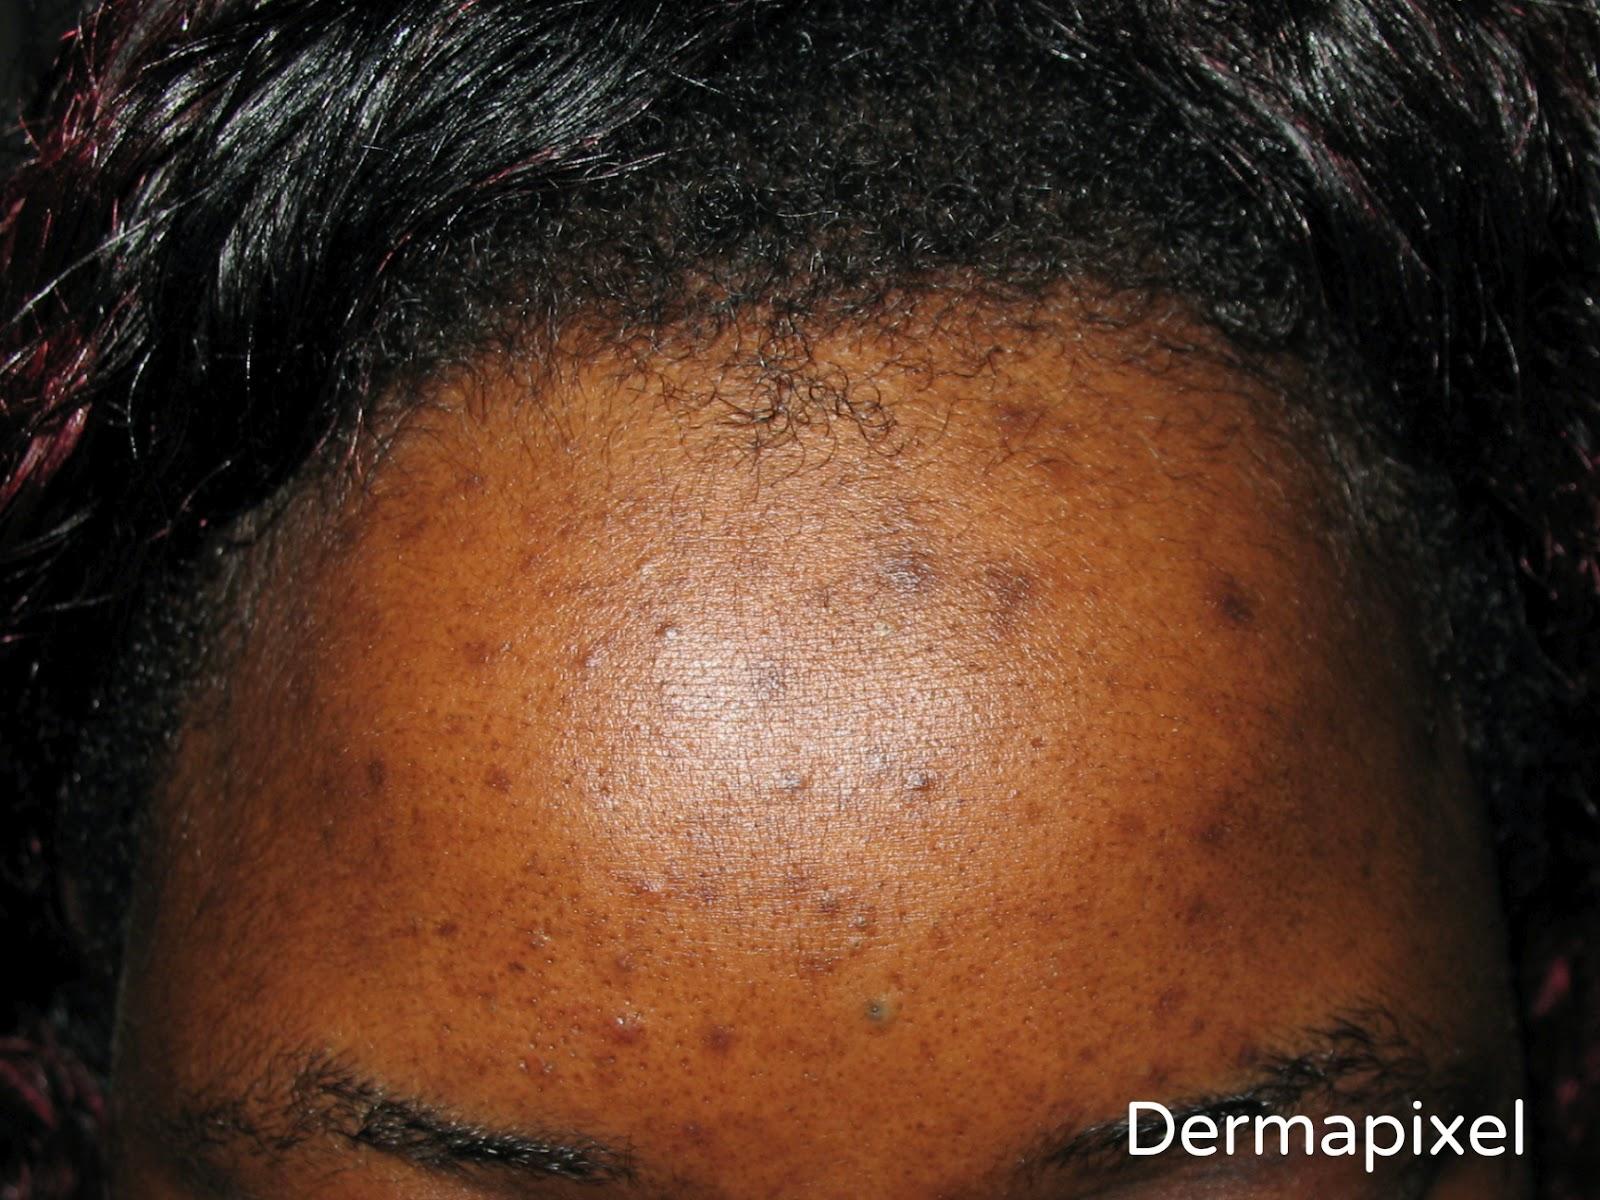 Manchas faciales en la piel oscura